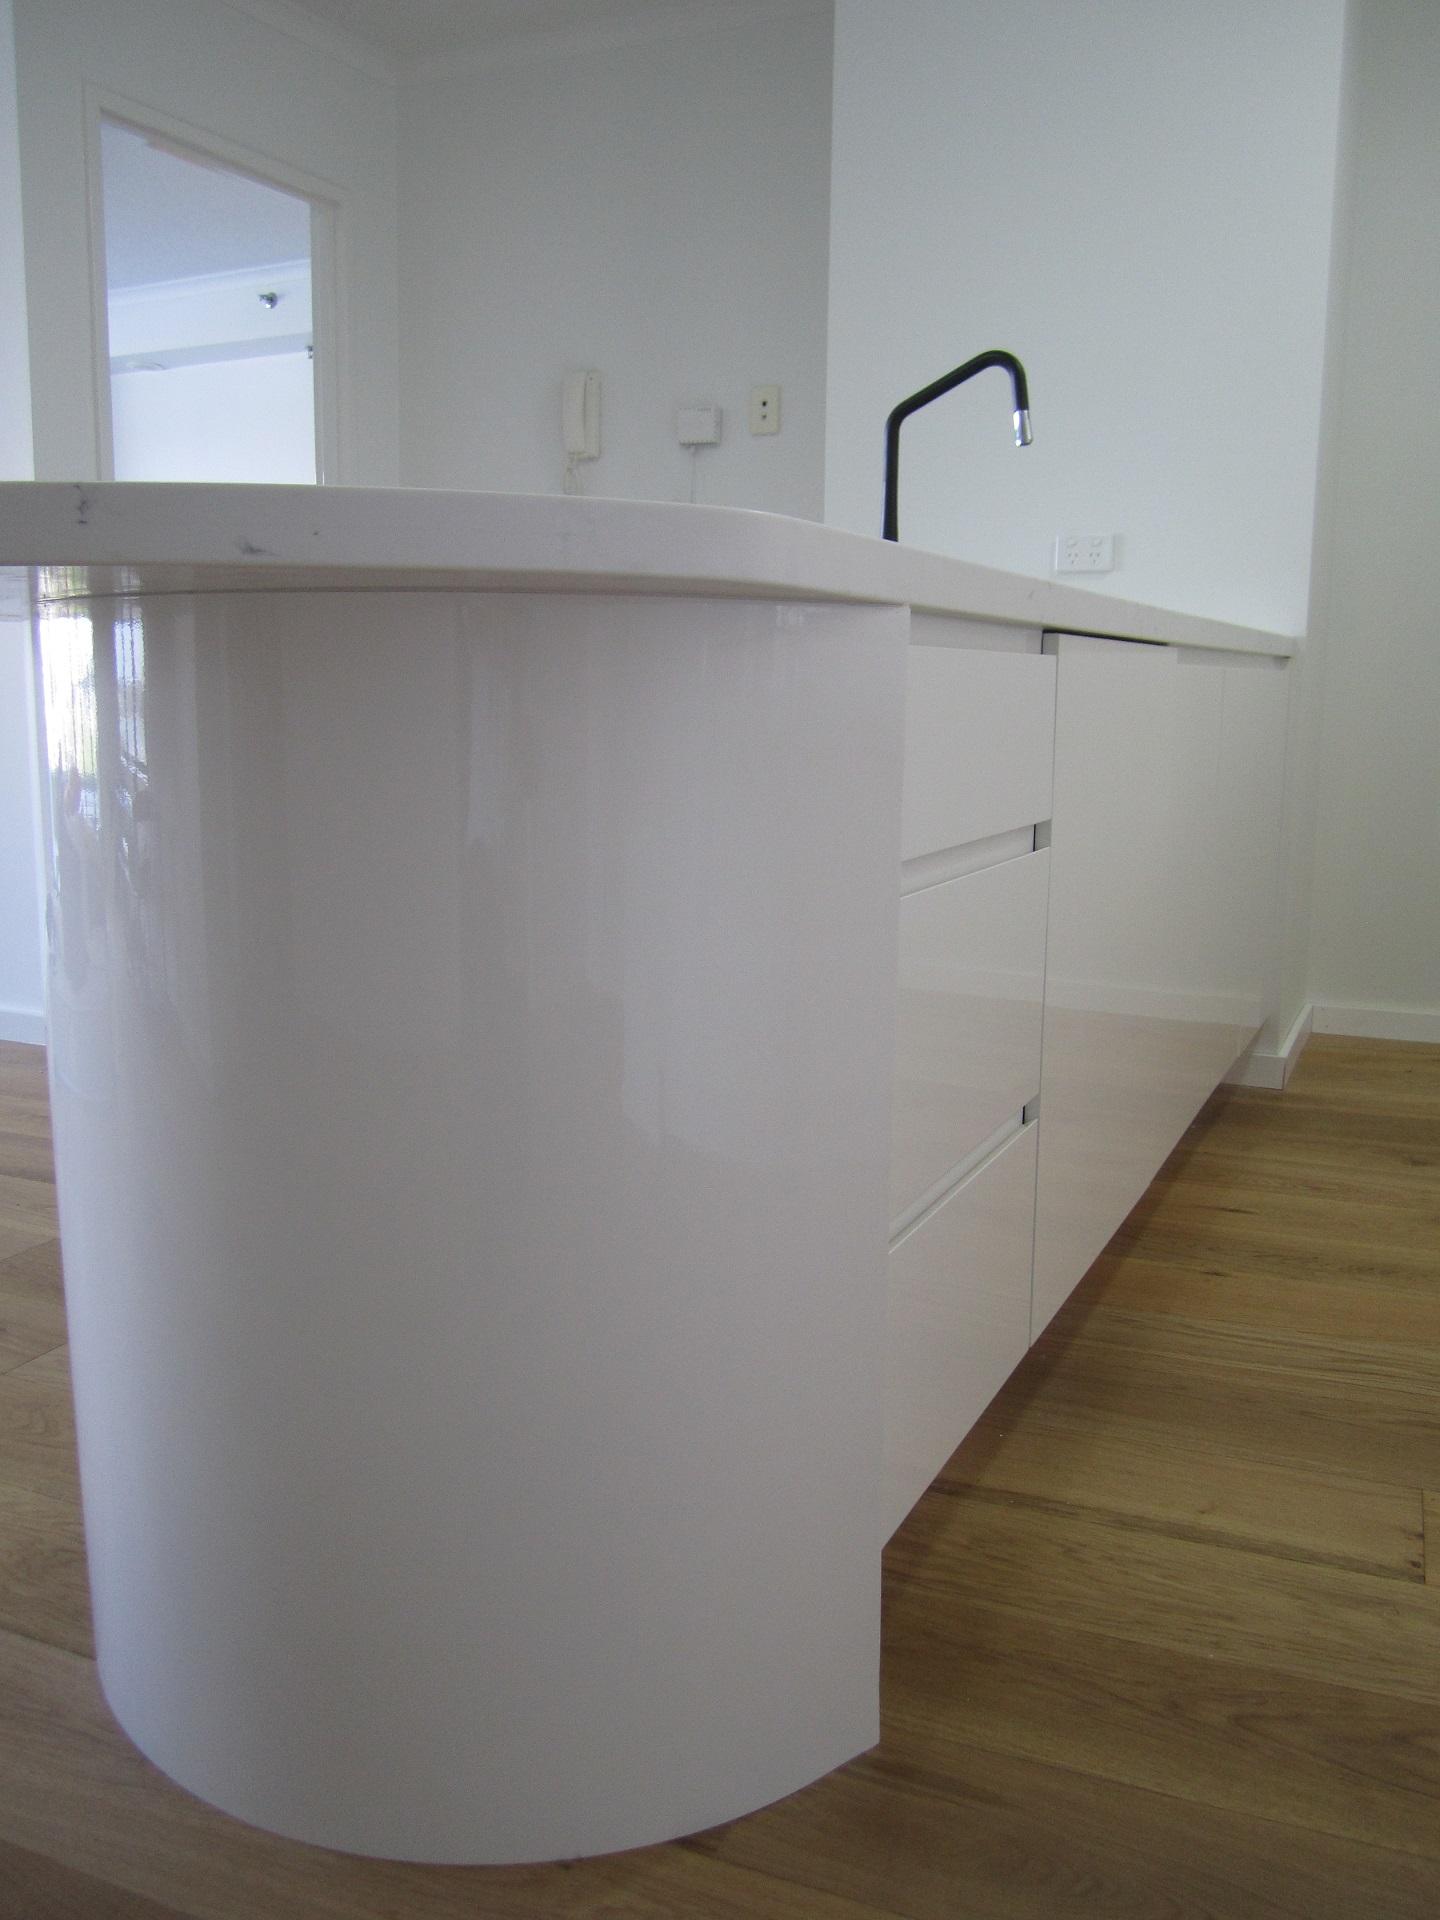 Brisbane Kitchen Design Brisbane City Contemporary Kitchen Renovation Curved Island (8)